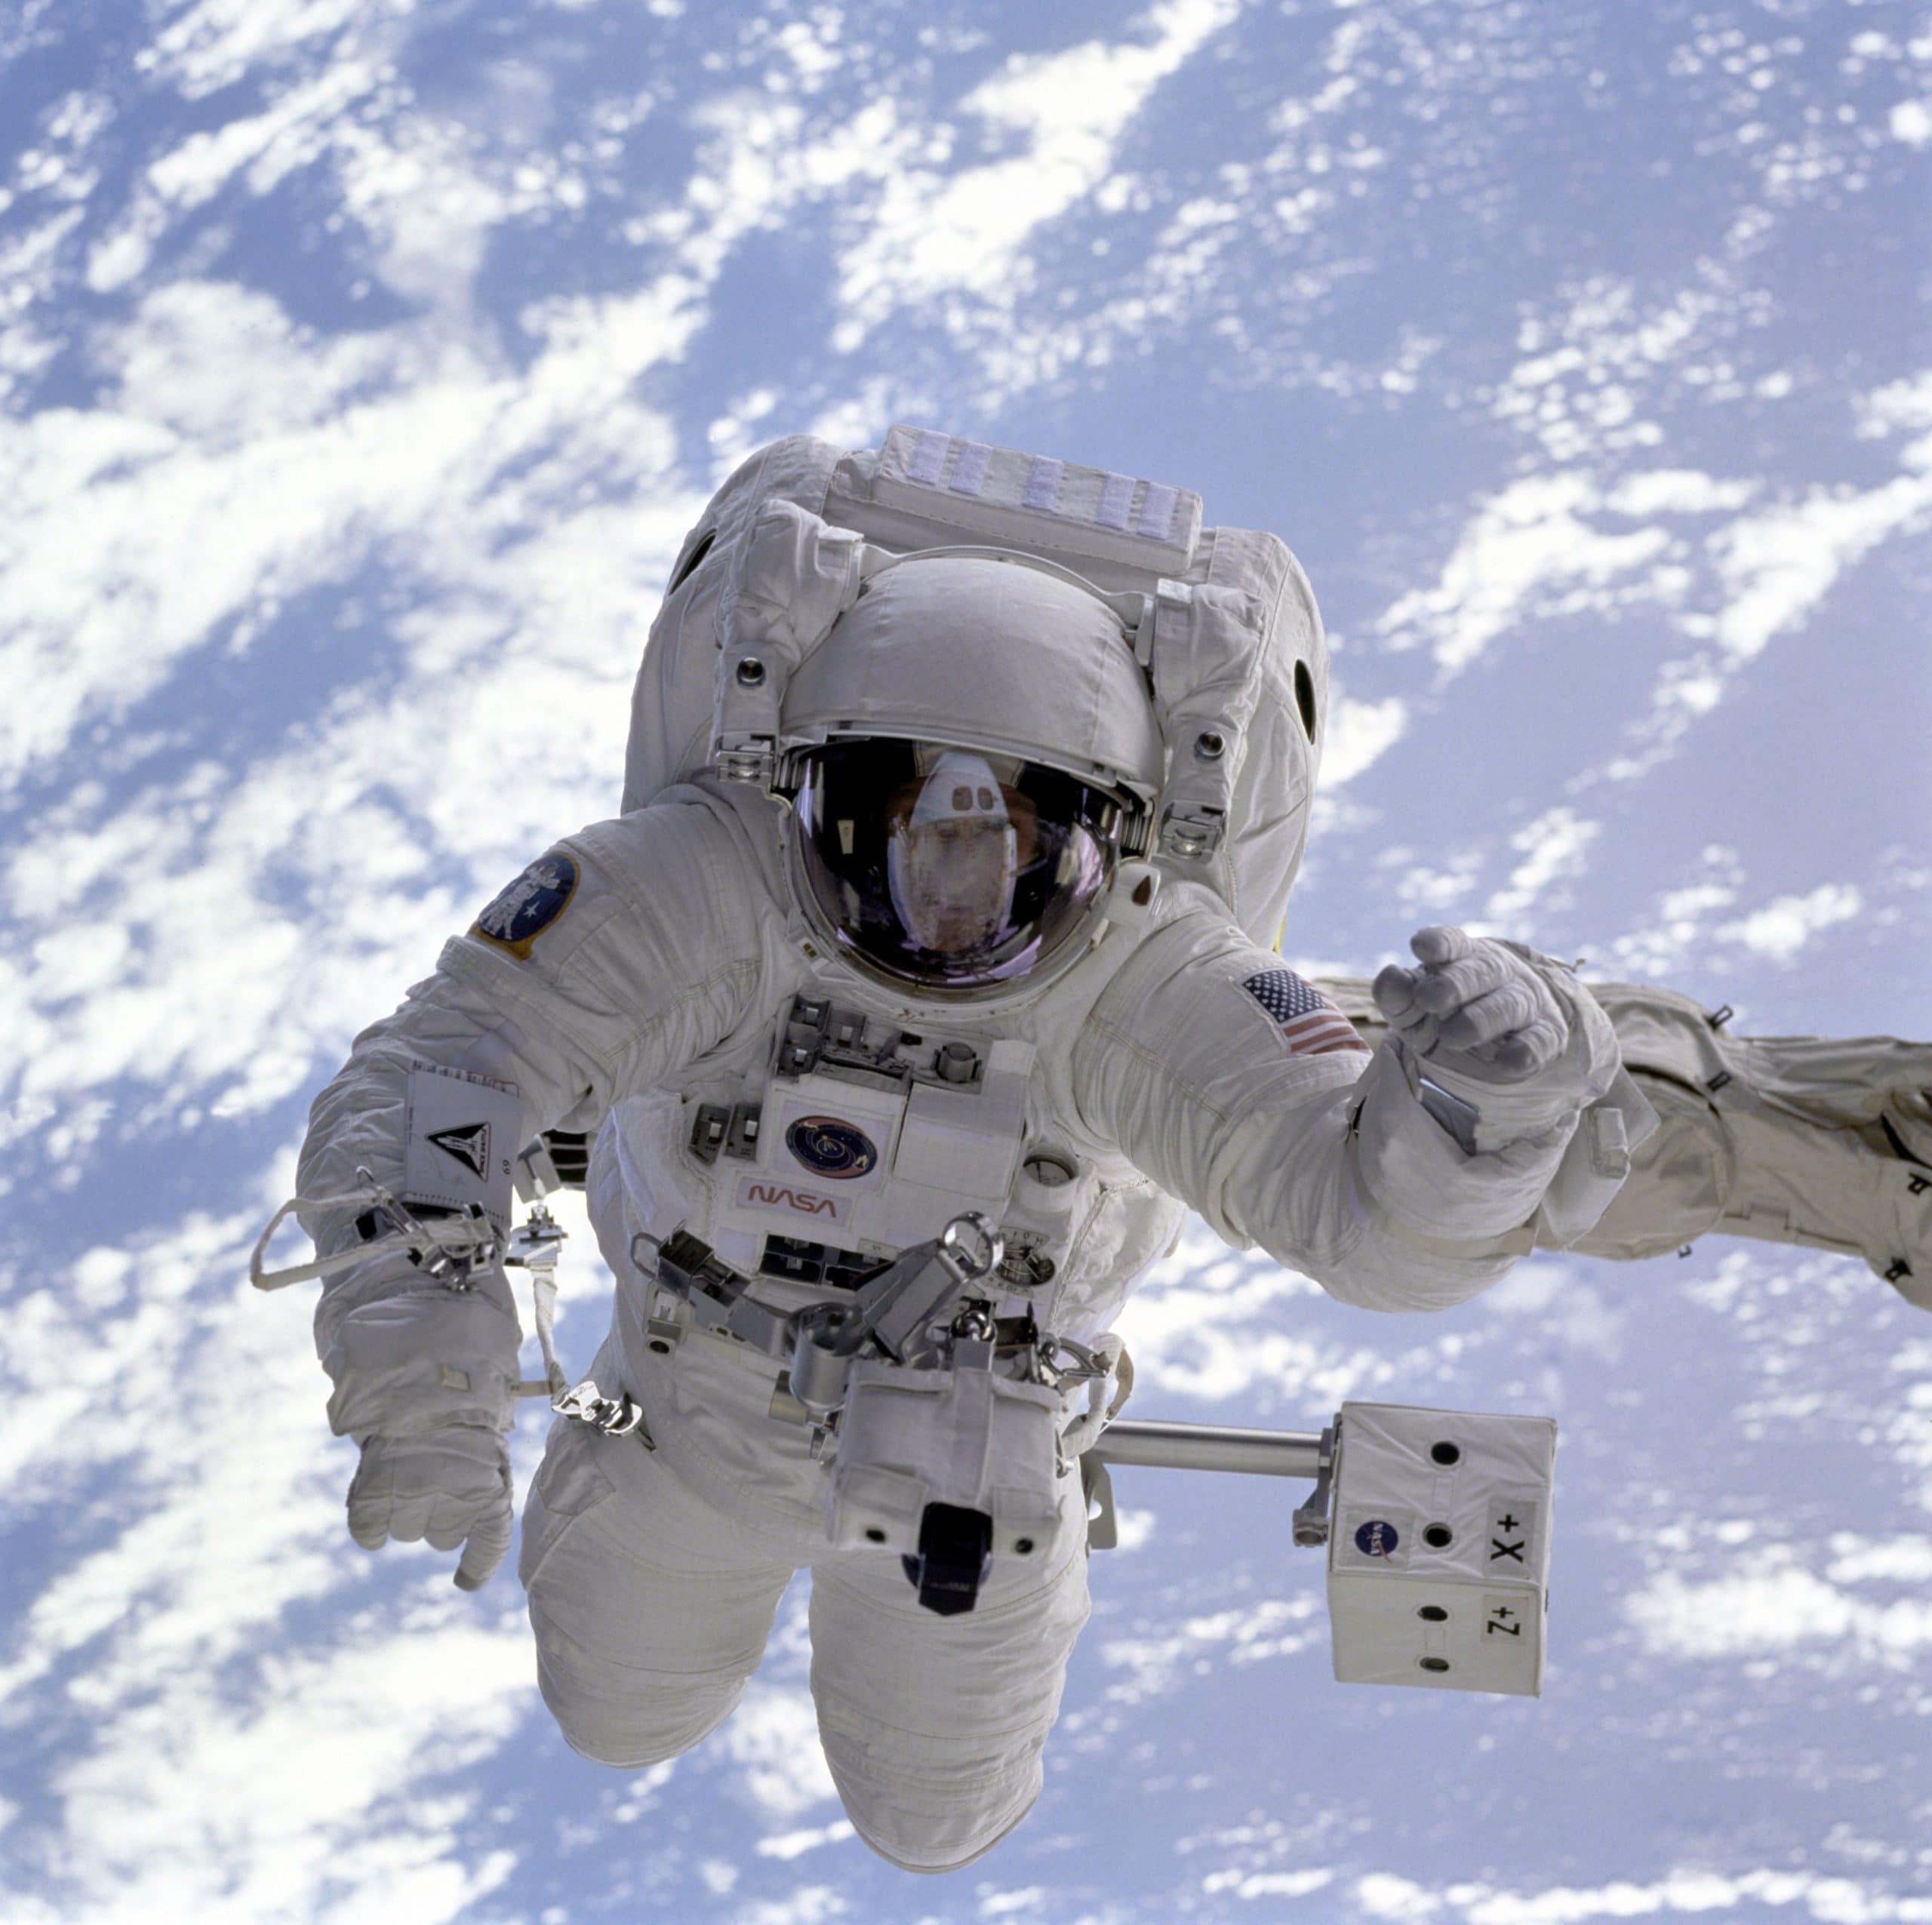 Astronauta flutuando no universo. Ao fundo é possível ver a atmosfera do planeta Terra.